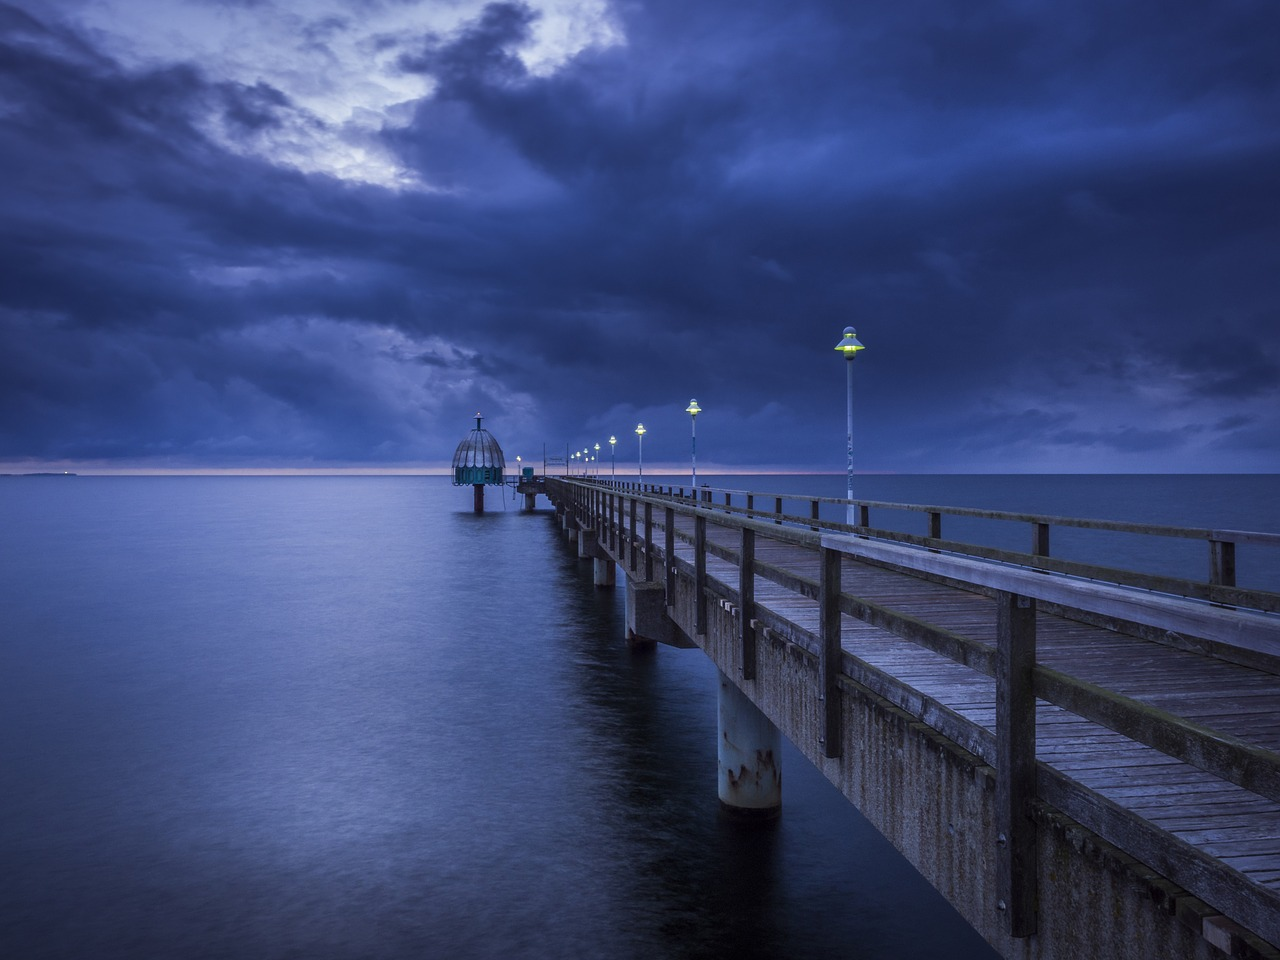 天竜川に架かる橋・心霊スポット南原橋で体験した怖い話